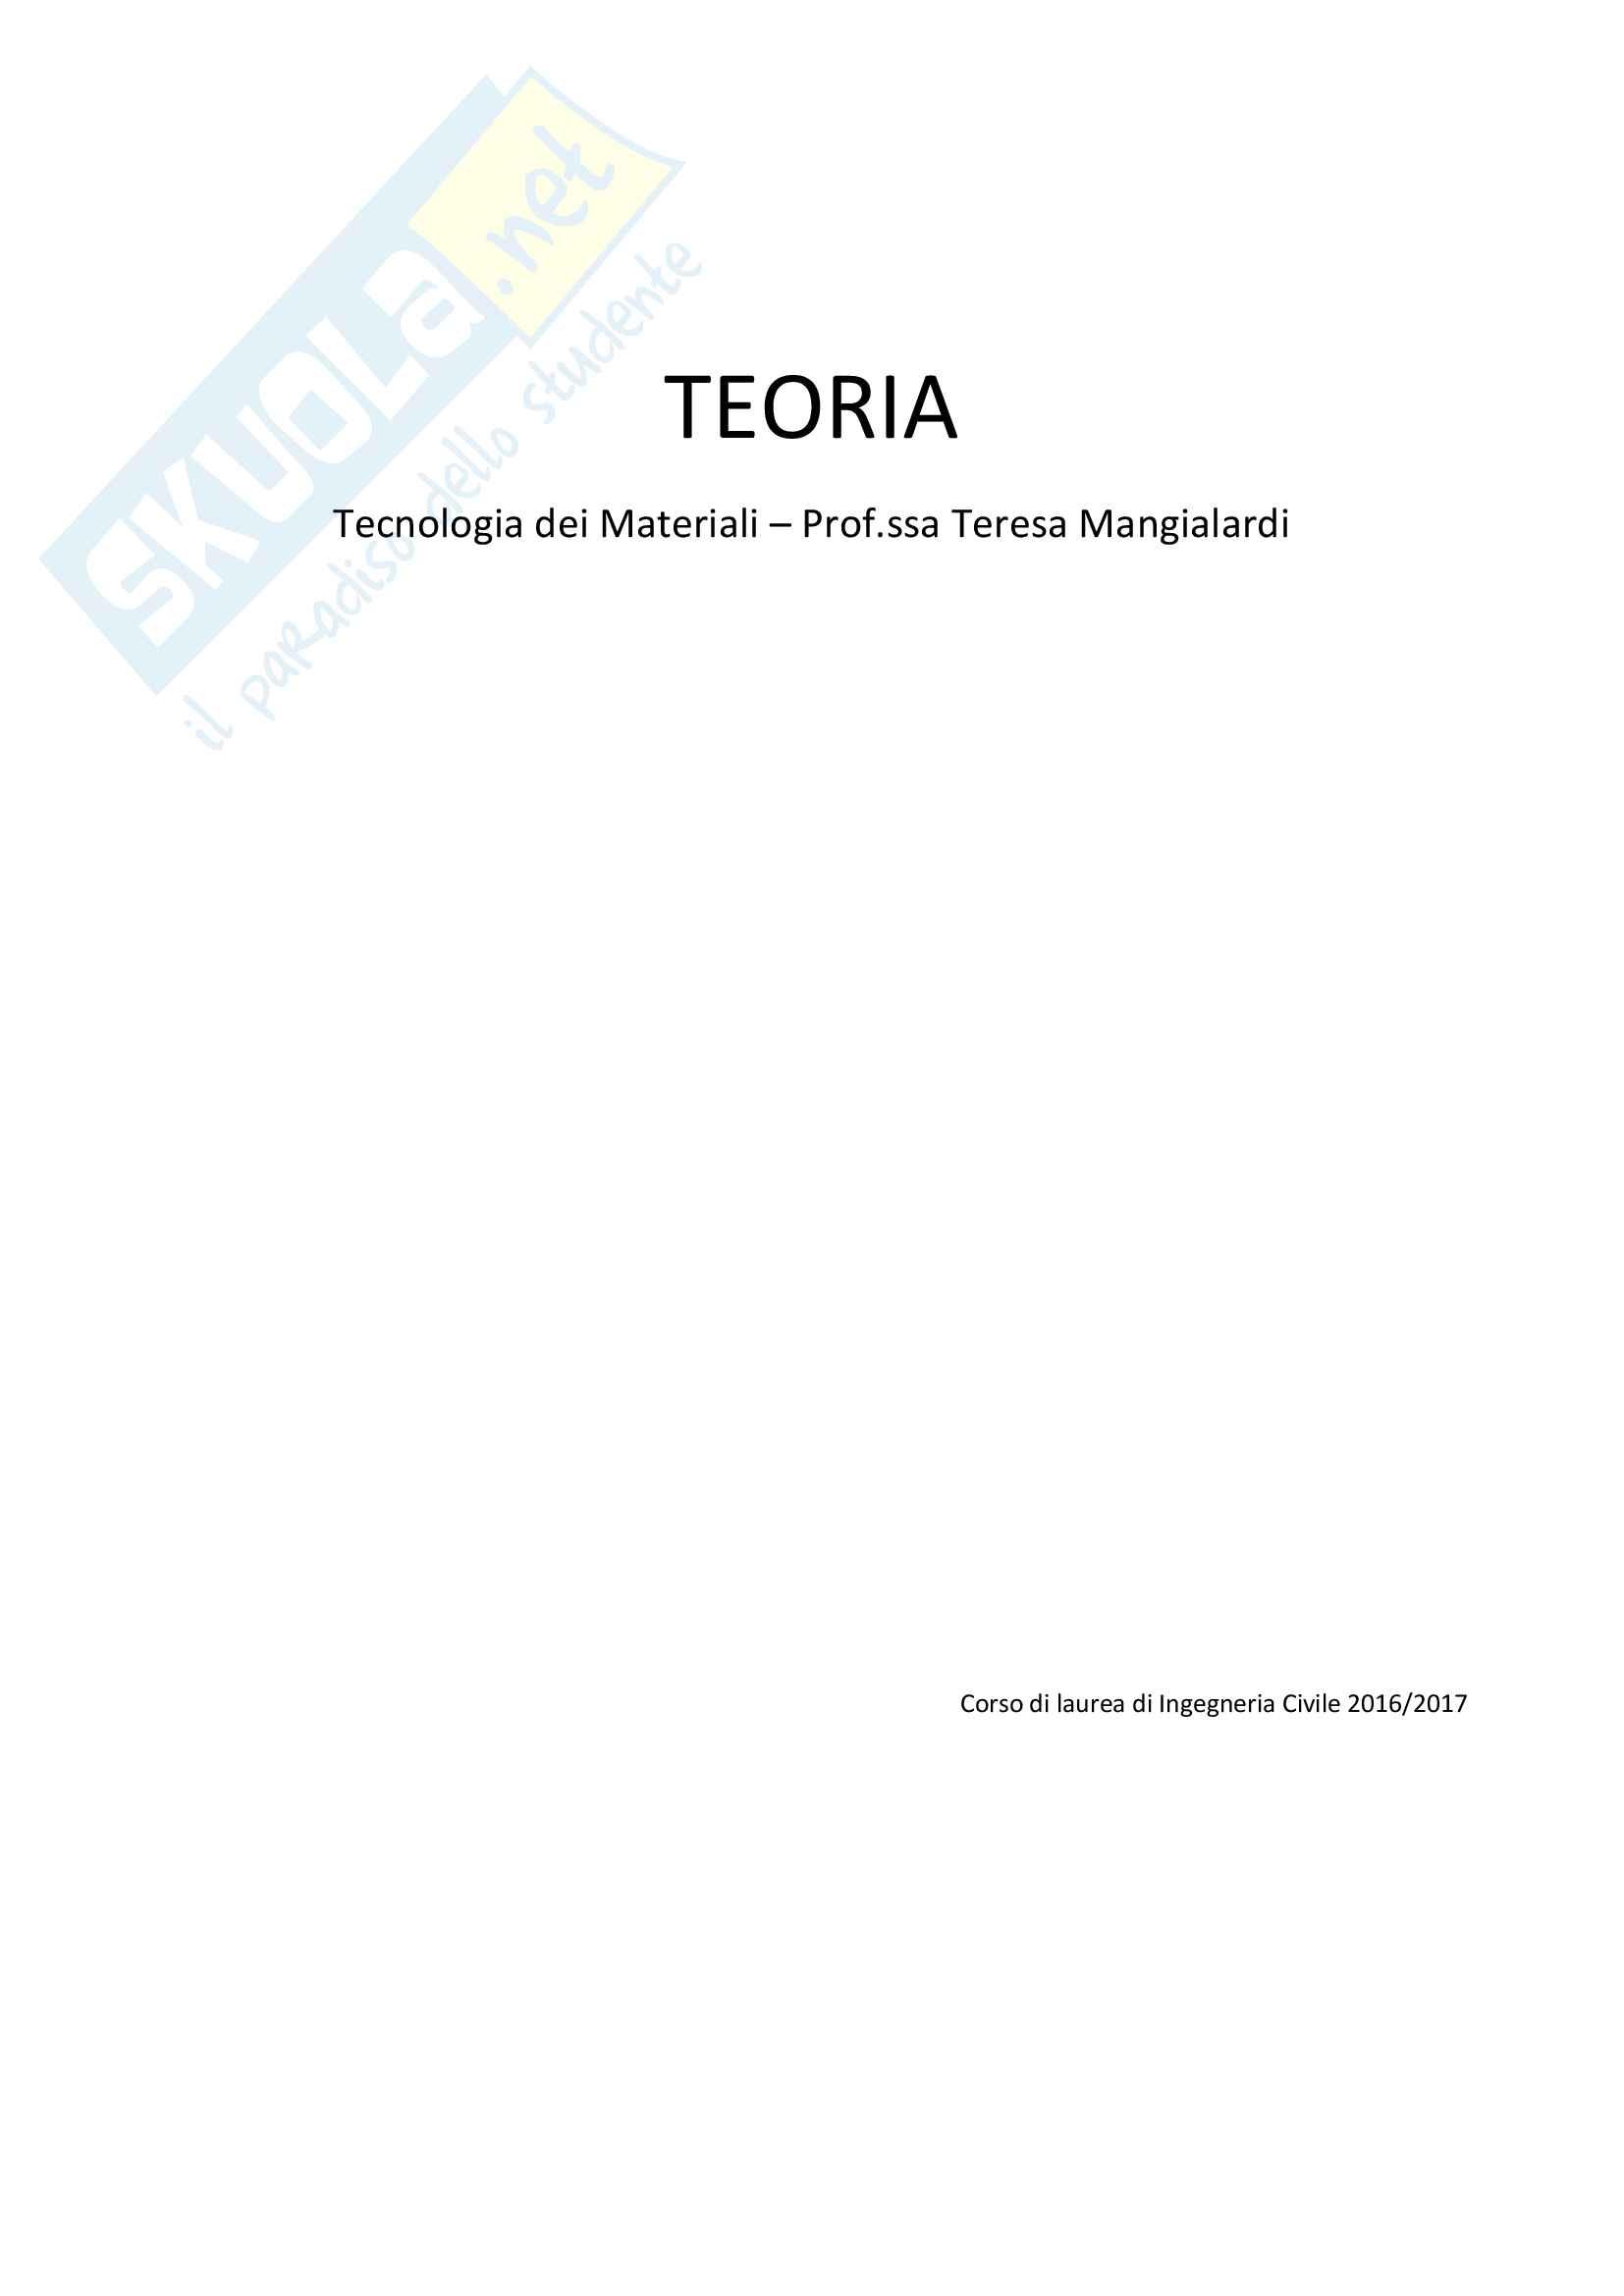 Tutte le lezioni trascritte - Tecnologia dei Materiali - Teoria